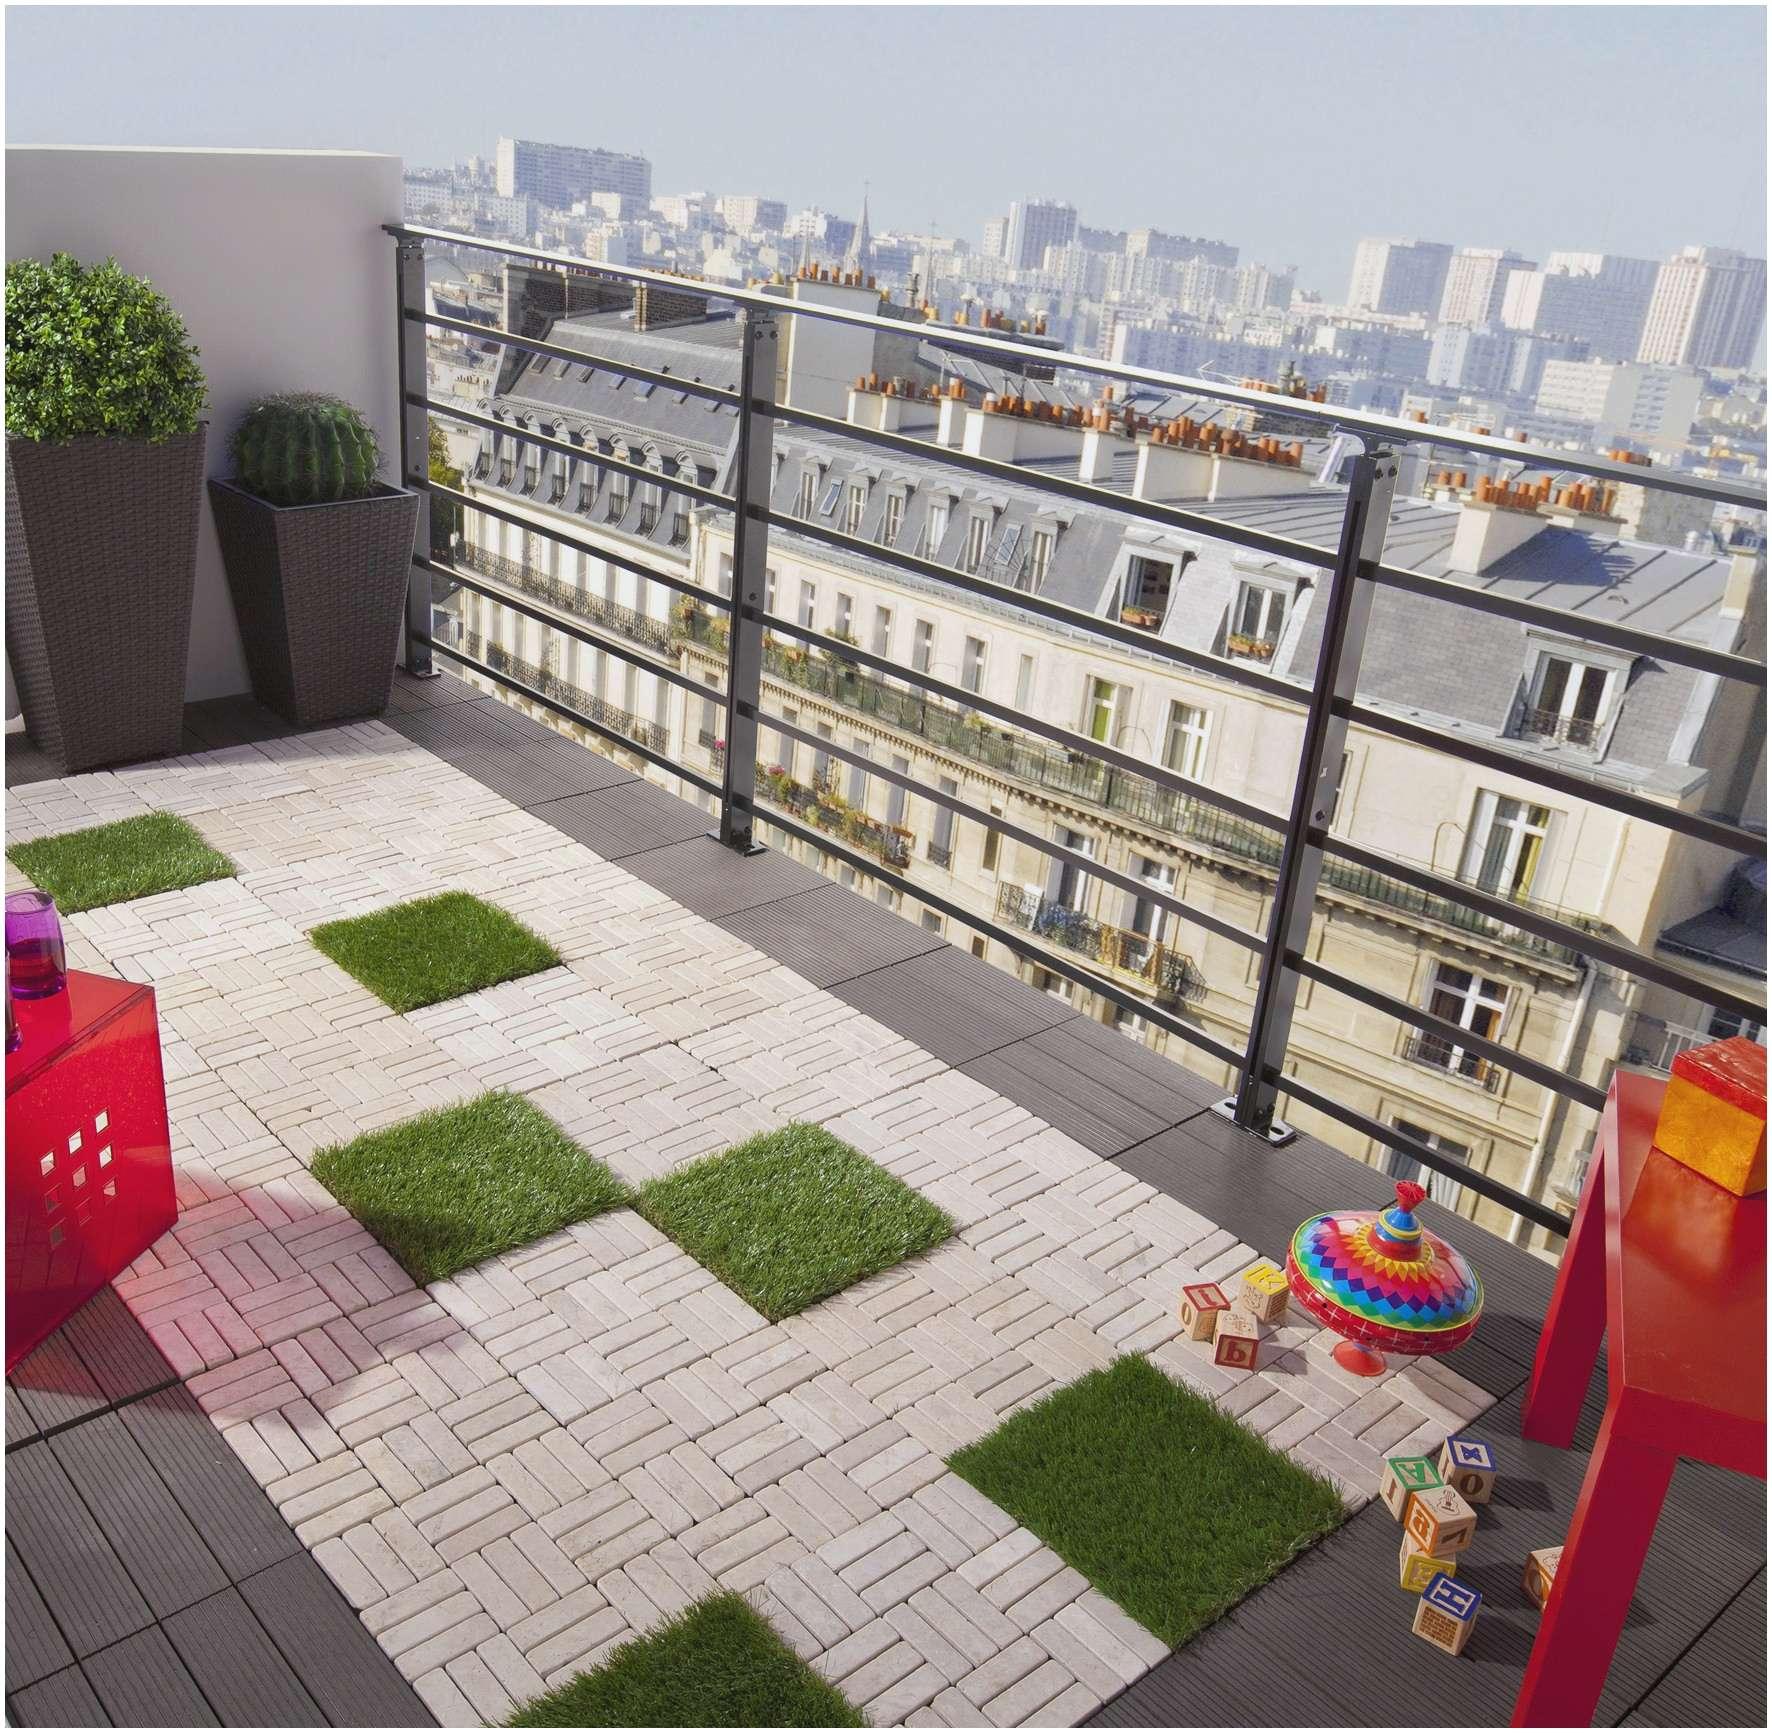 tapis exterieur balcon 0d sol terrasse exterieur beau merveilleux tapis exterieur terrasse luxe haut 40 de peinture terrasse exterieur schc2a8me pour excellent tapis exterieur balcon